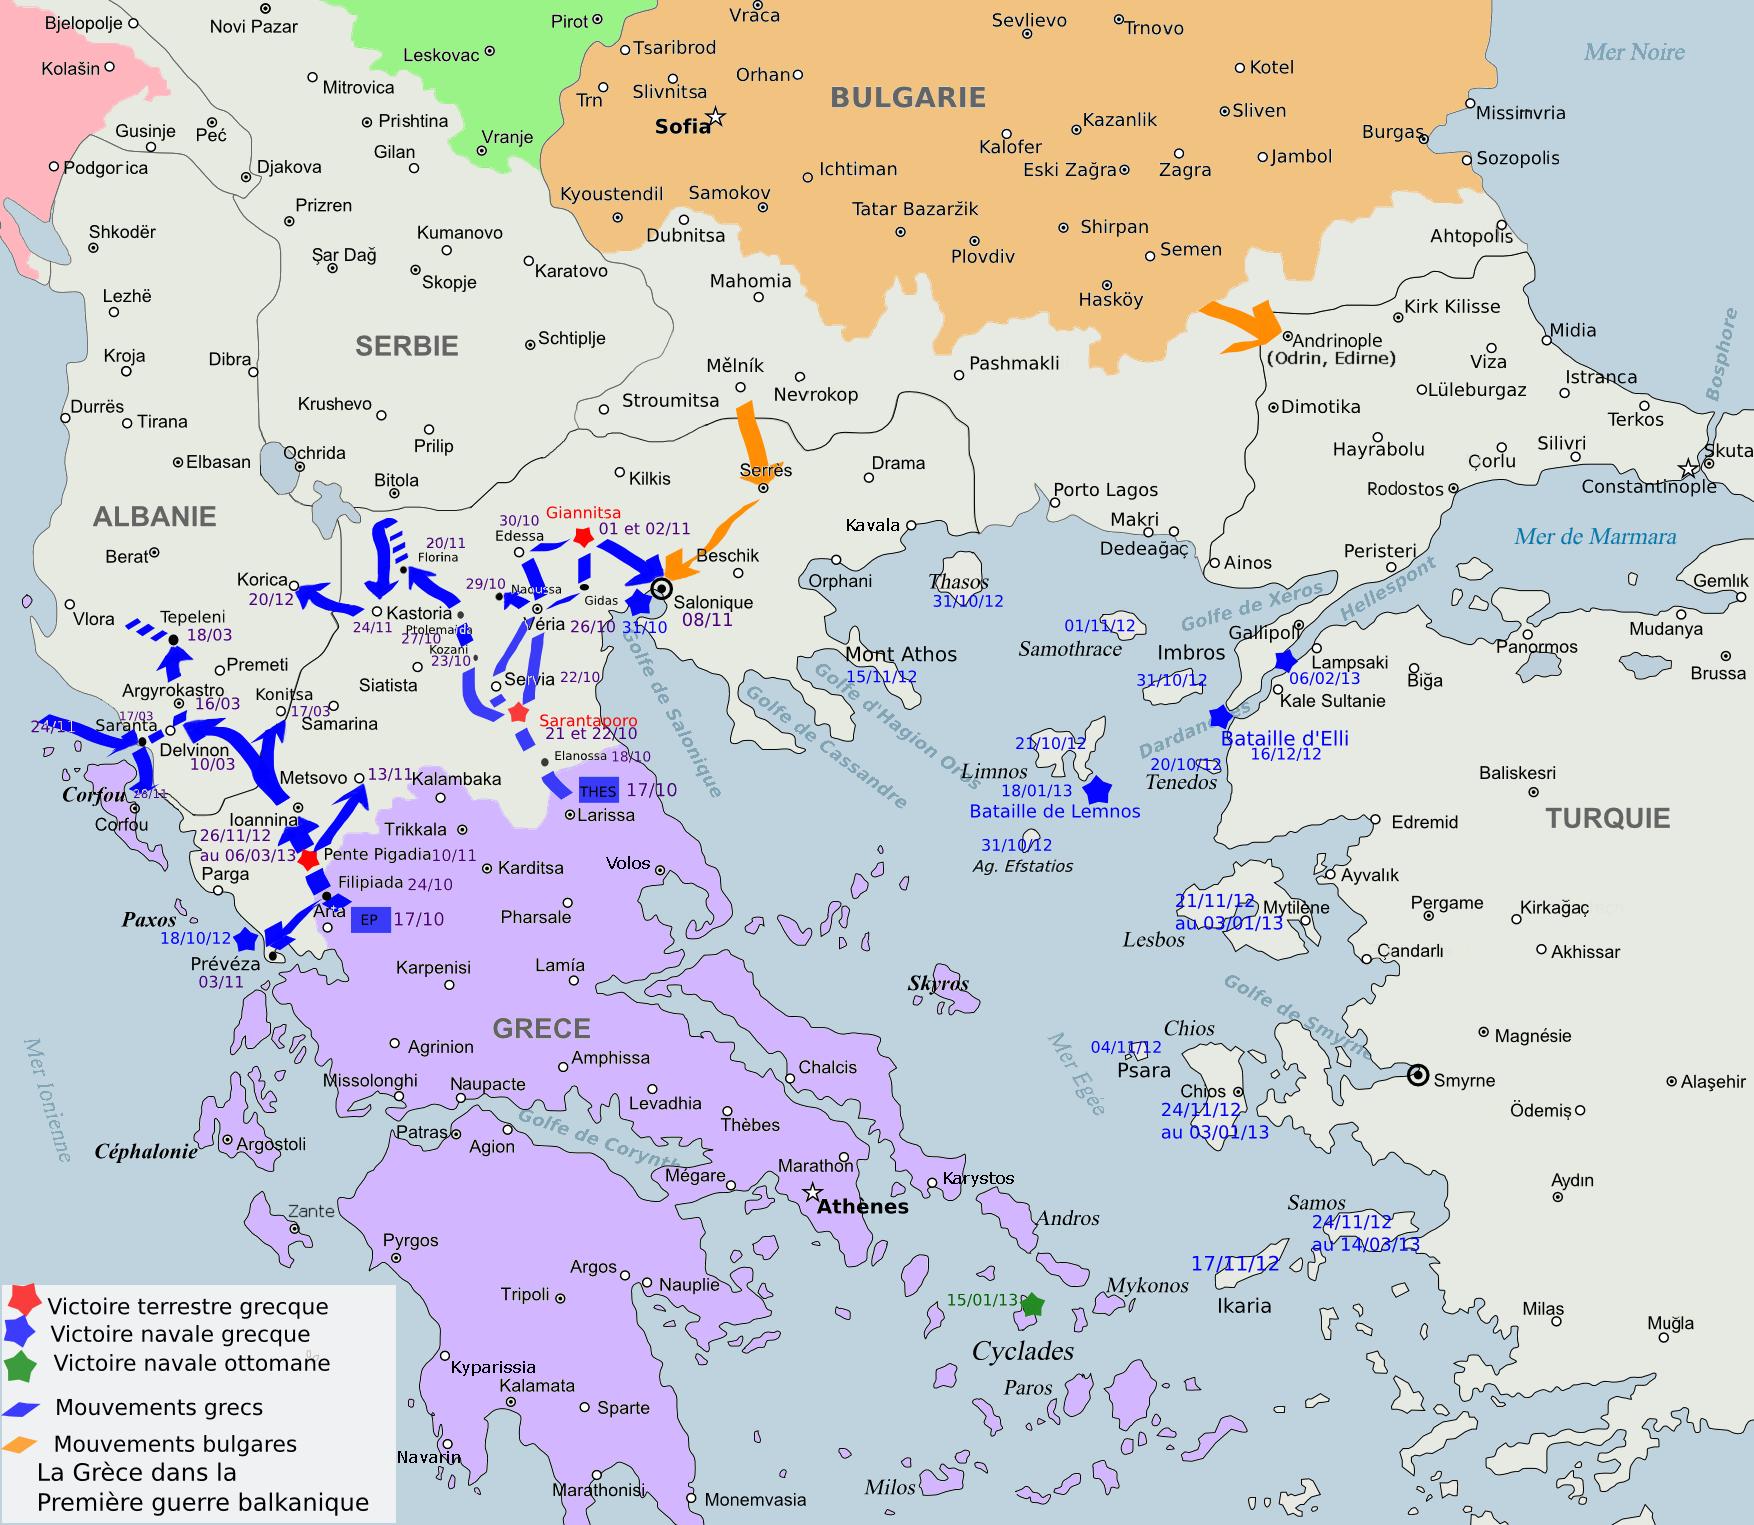 Gr%C3%A8ce_1ere_Guerre_balkanique.png